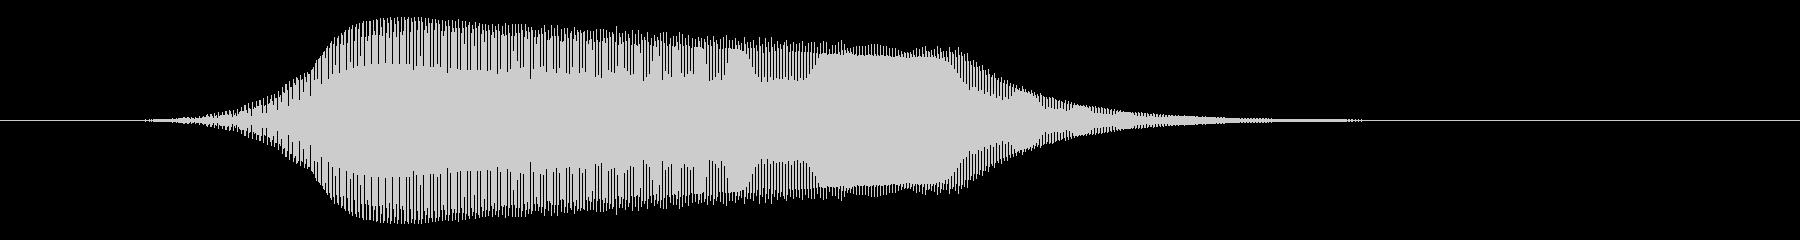 シンセサイザーで作った猫の声です。の未再生の波形